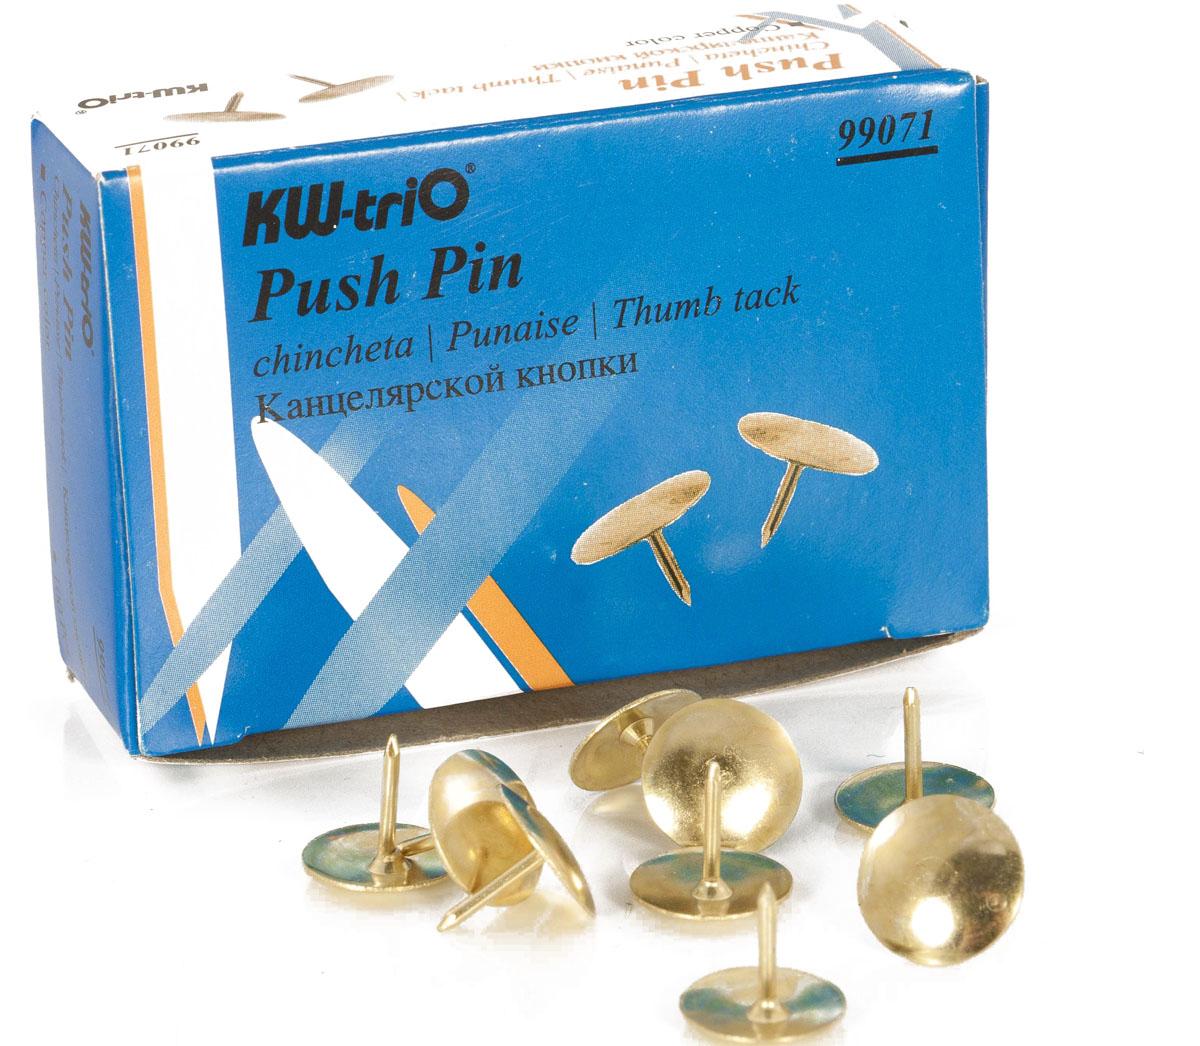 KW-Тrio Кнопки канцелярские цвет золотистый 100 штFS-00103Круглые металлические кнопки KW-Тrio применяются для крепления информации к пробковым доскам и другим поверхностям.В упаковке 100 штук.